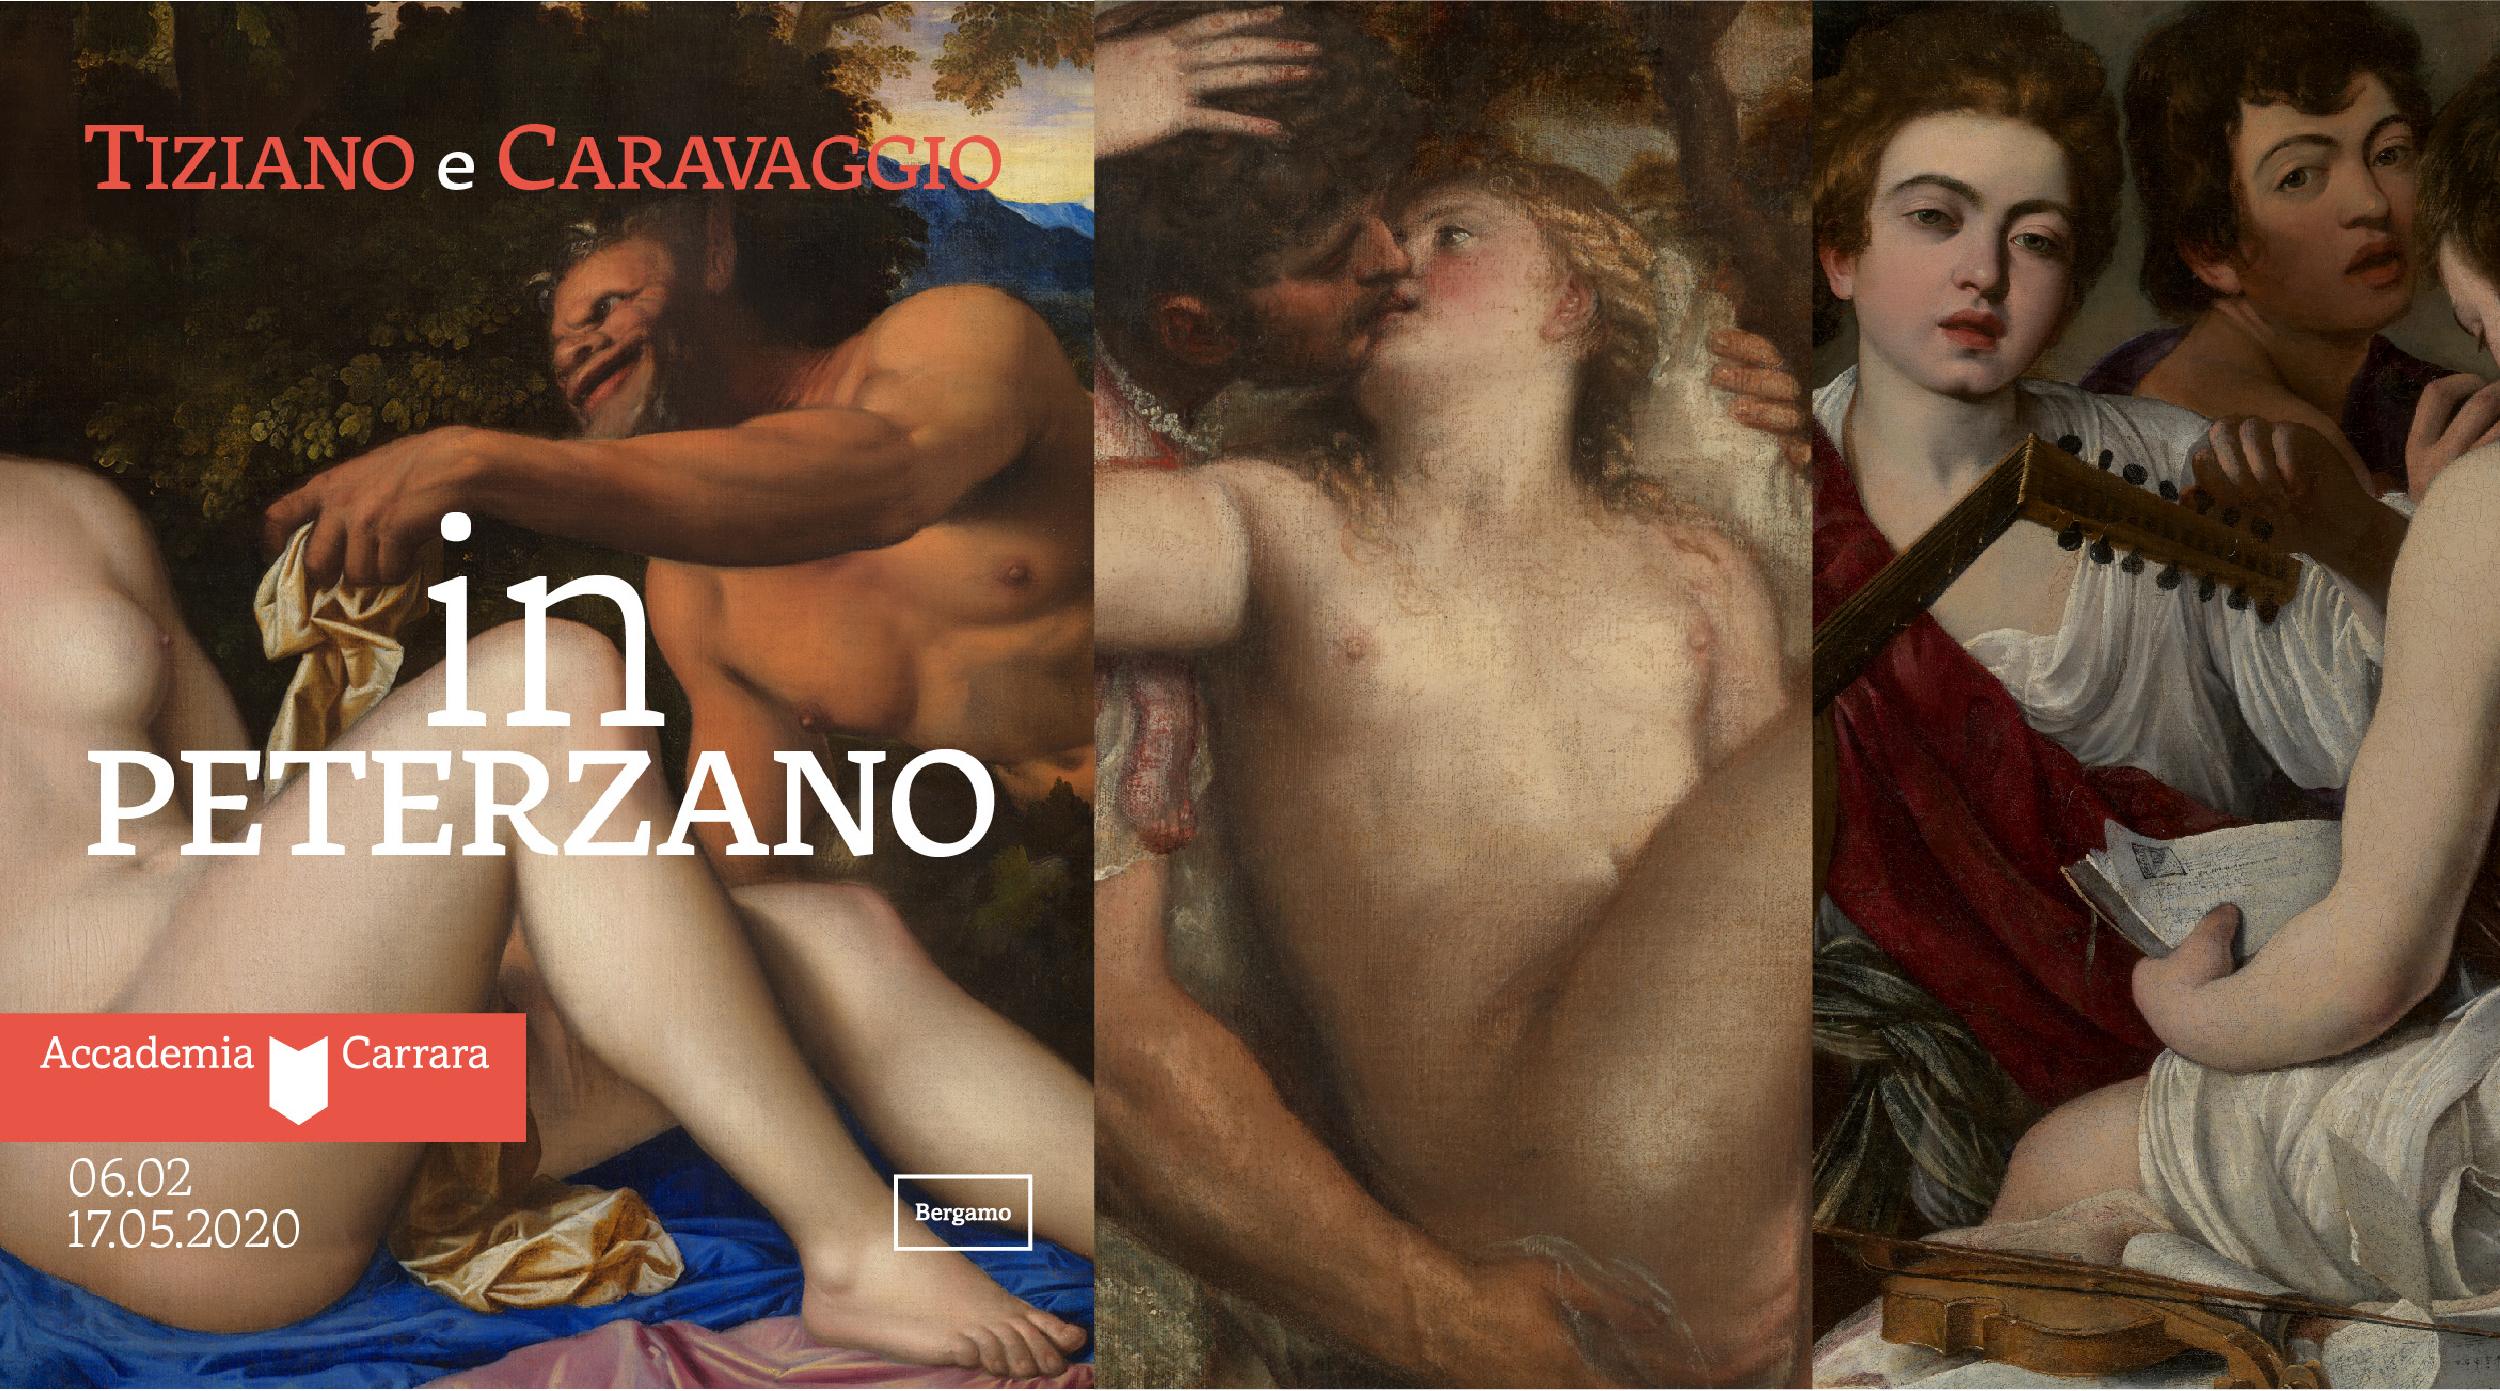 Tiziano e Caravaggio in Peterzano - Accademia Carrara - Bergamo